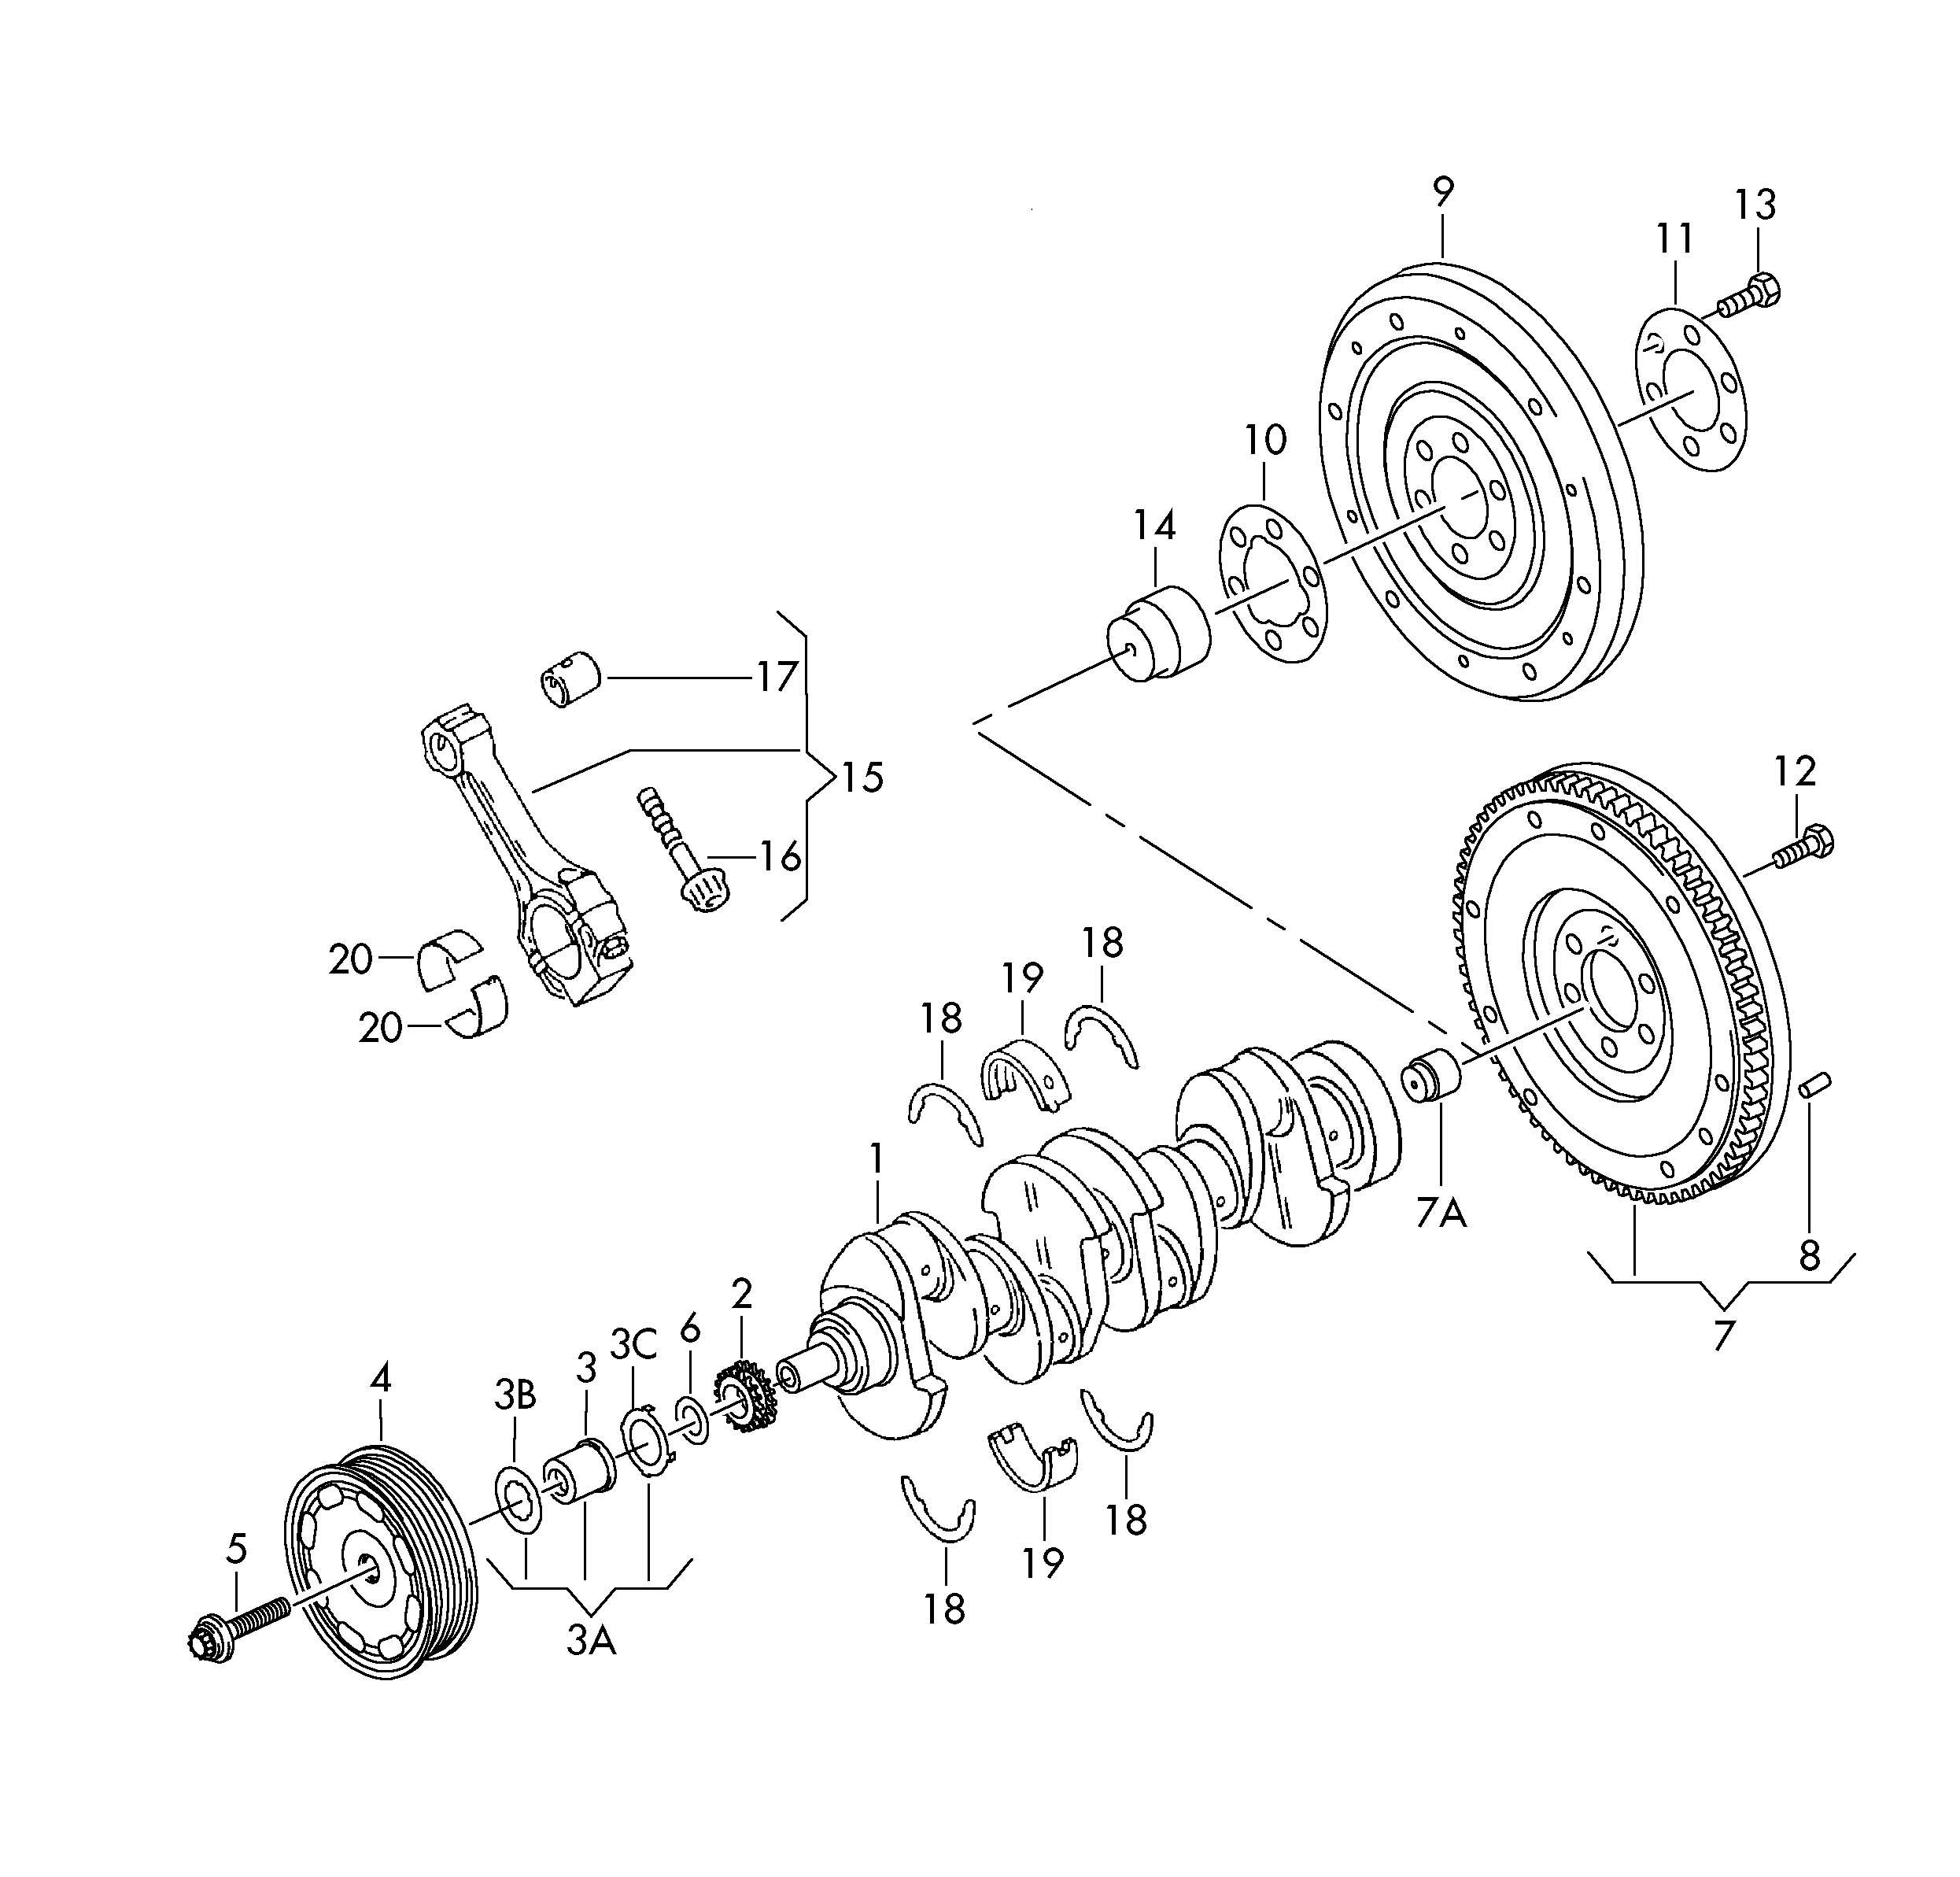 Vw Passat Engine Parts Diagram